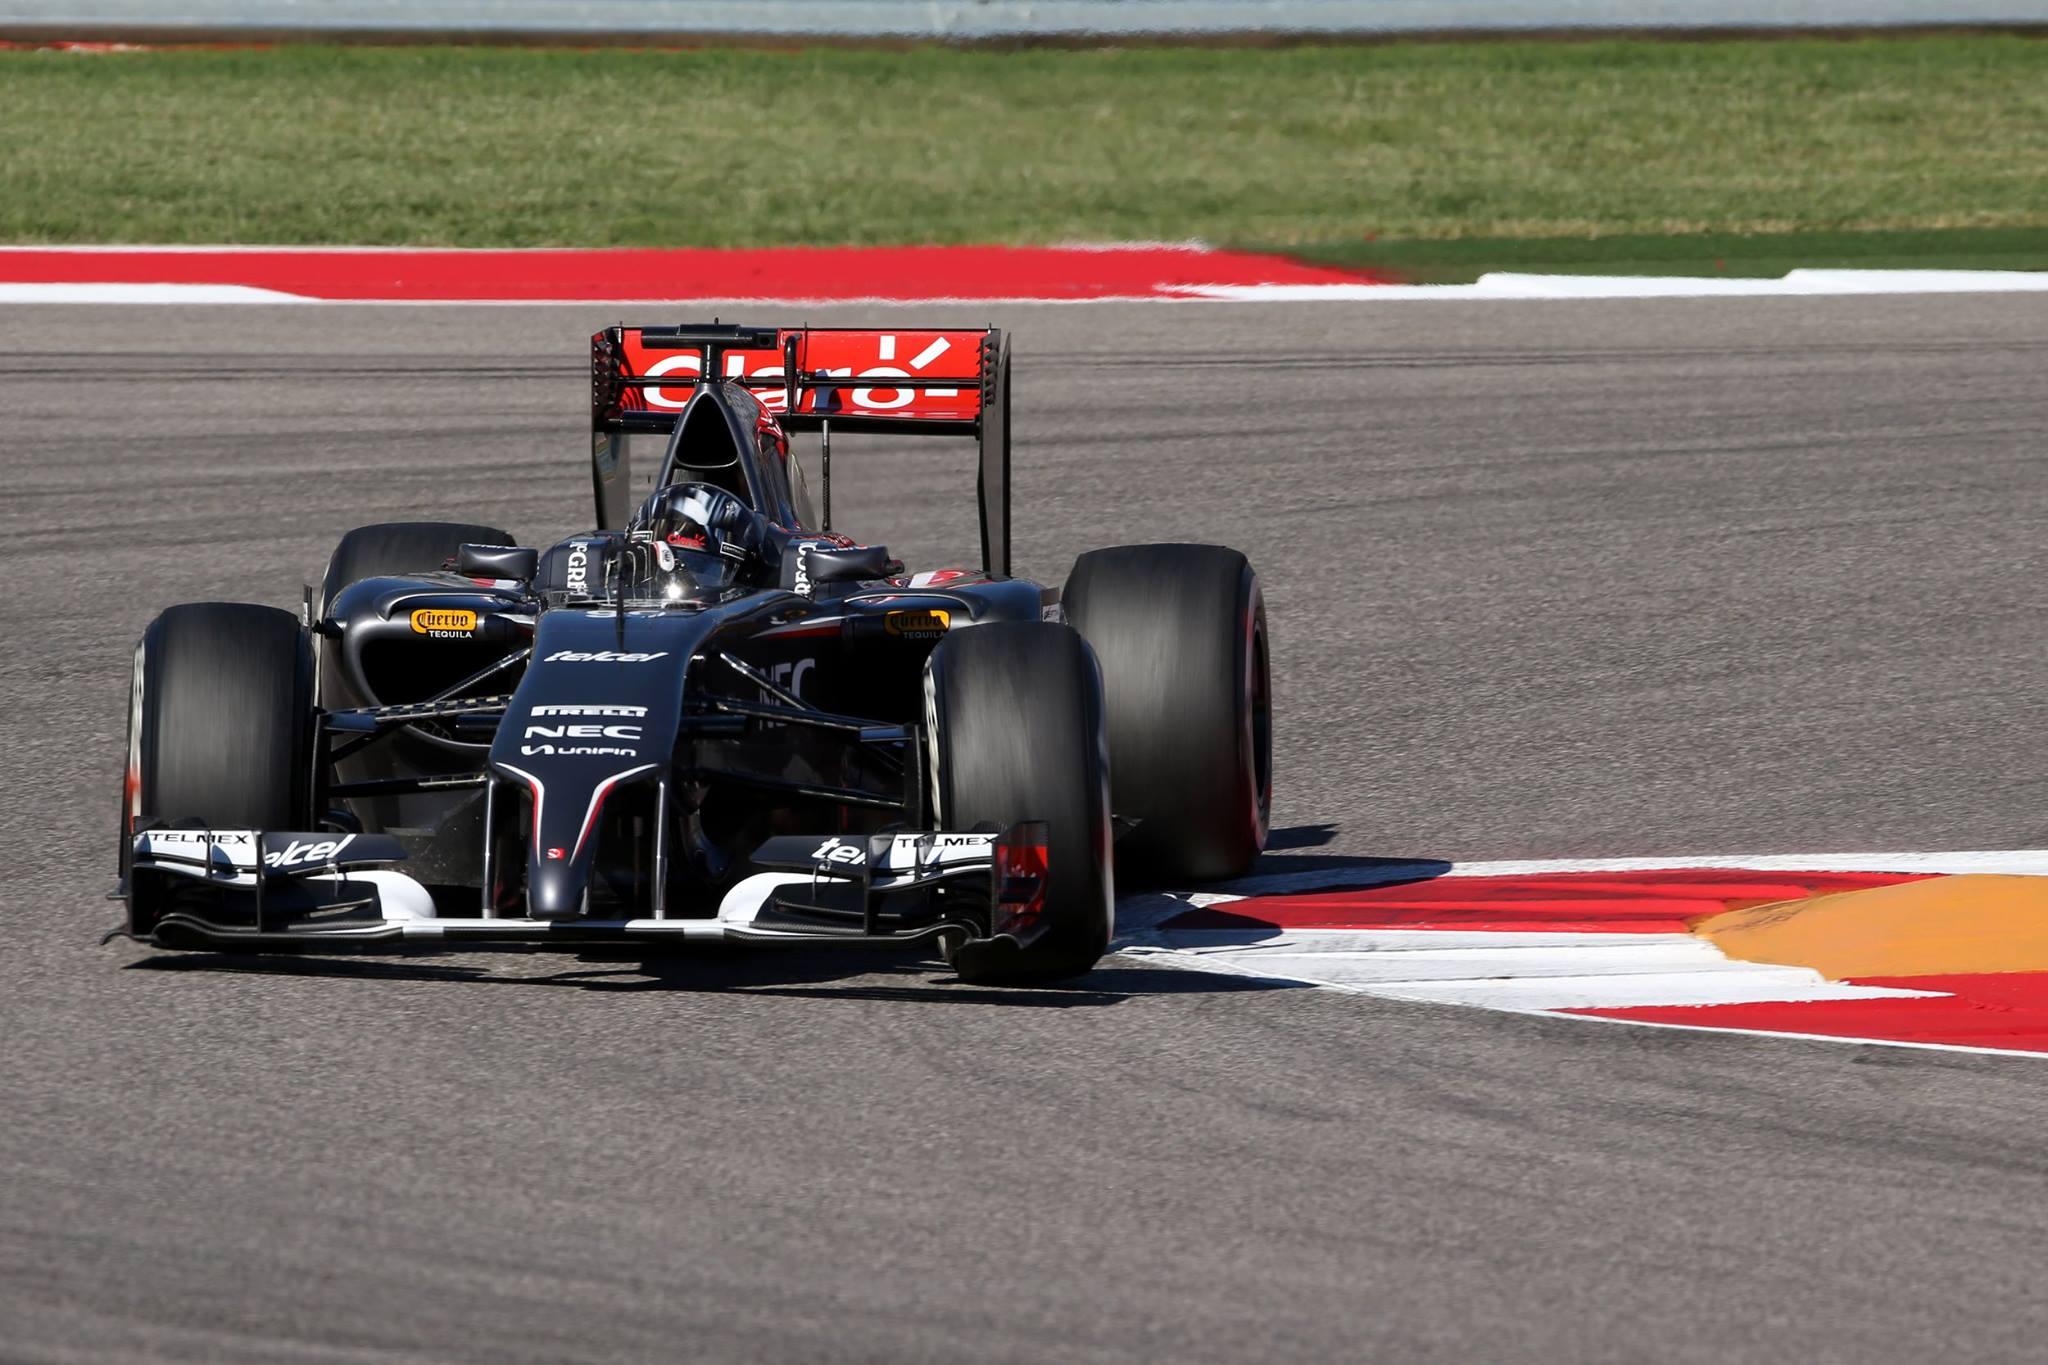 Sutil fazendo o melhor grid da Sauber nessa temporada.